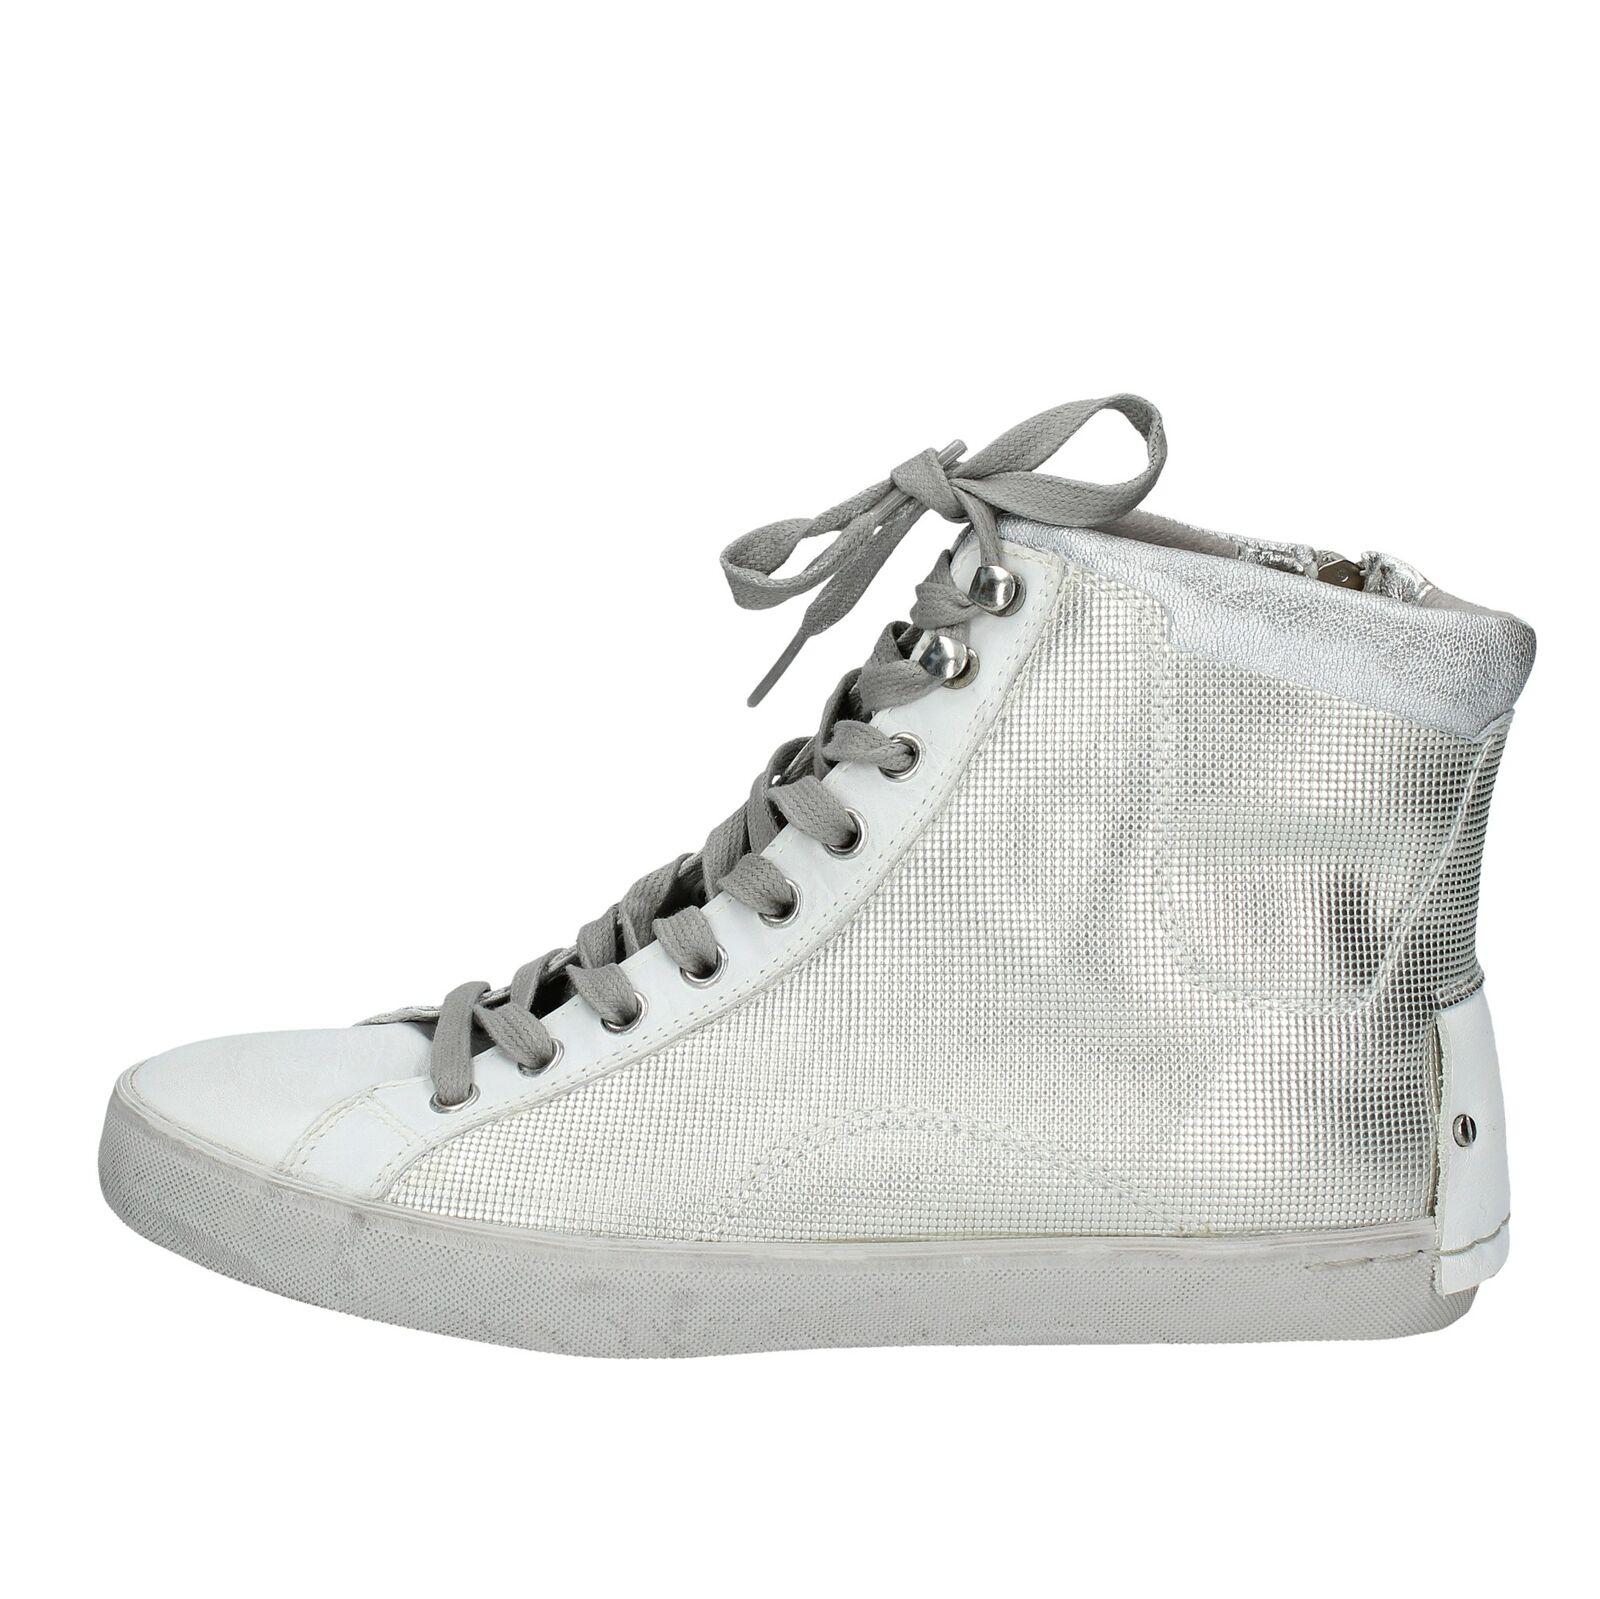 TV650 Scarpe Scarpe Scarpe scarpe da ginnastica CRIME 35 donna argentoo | Lascia che i nostri prodotti vadano nel mondo  1dbf00